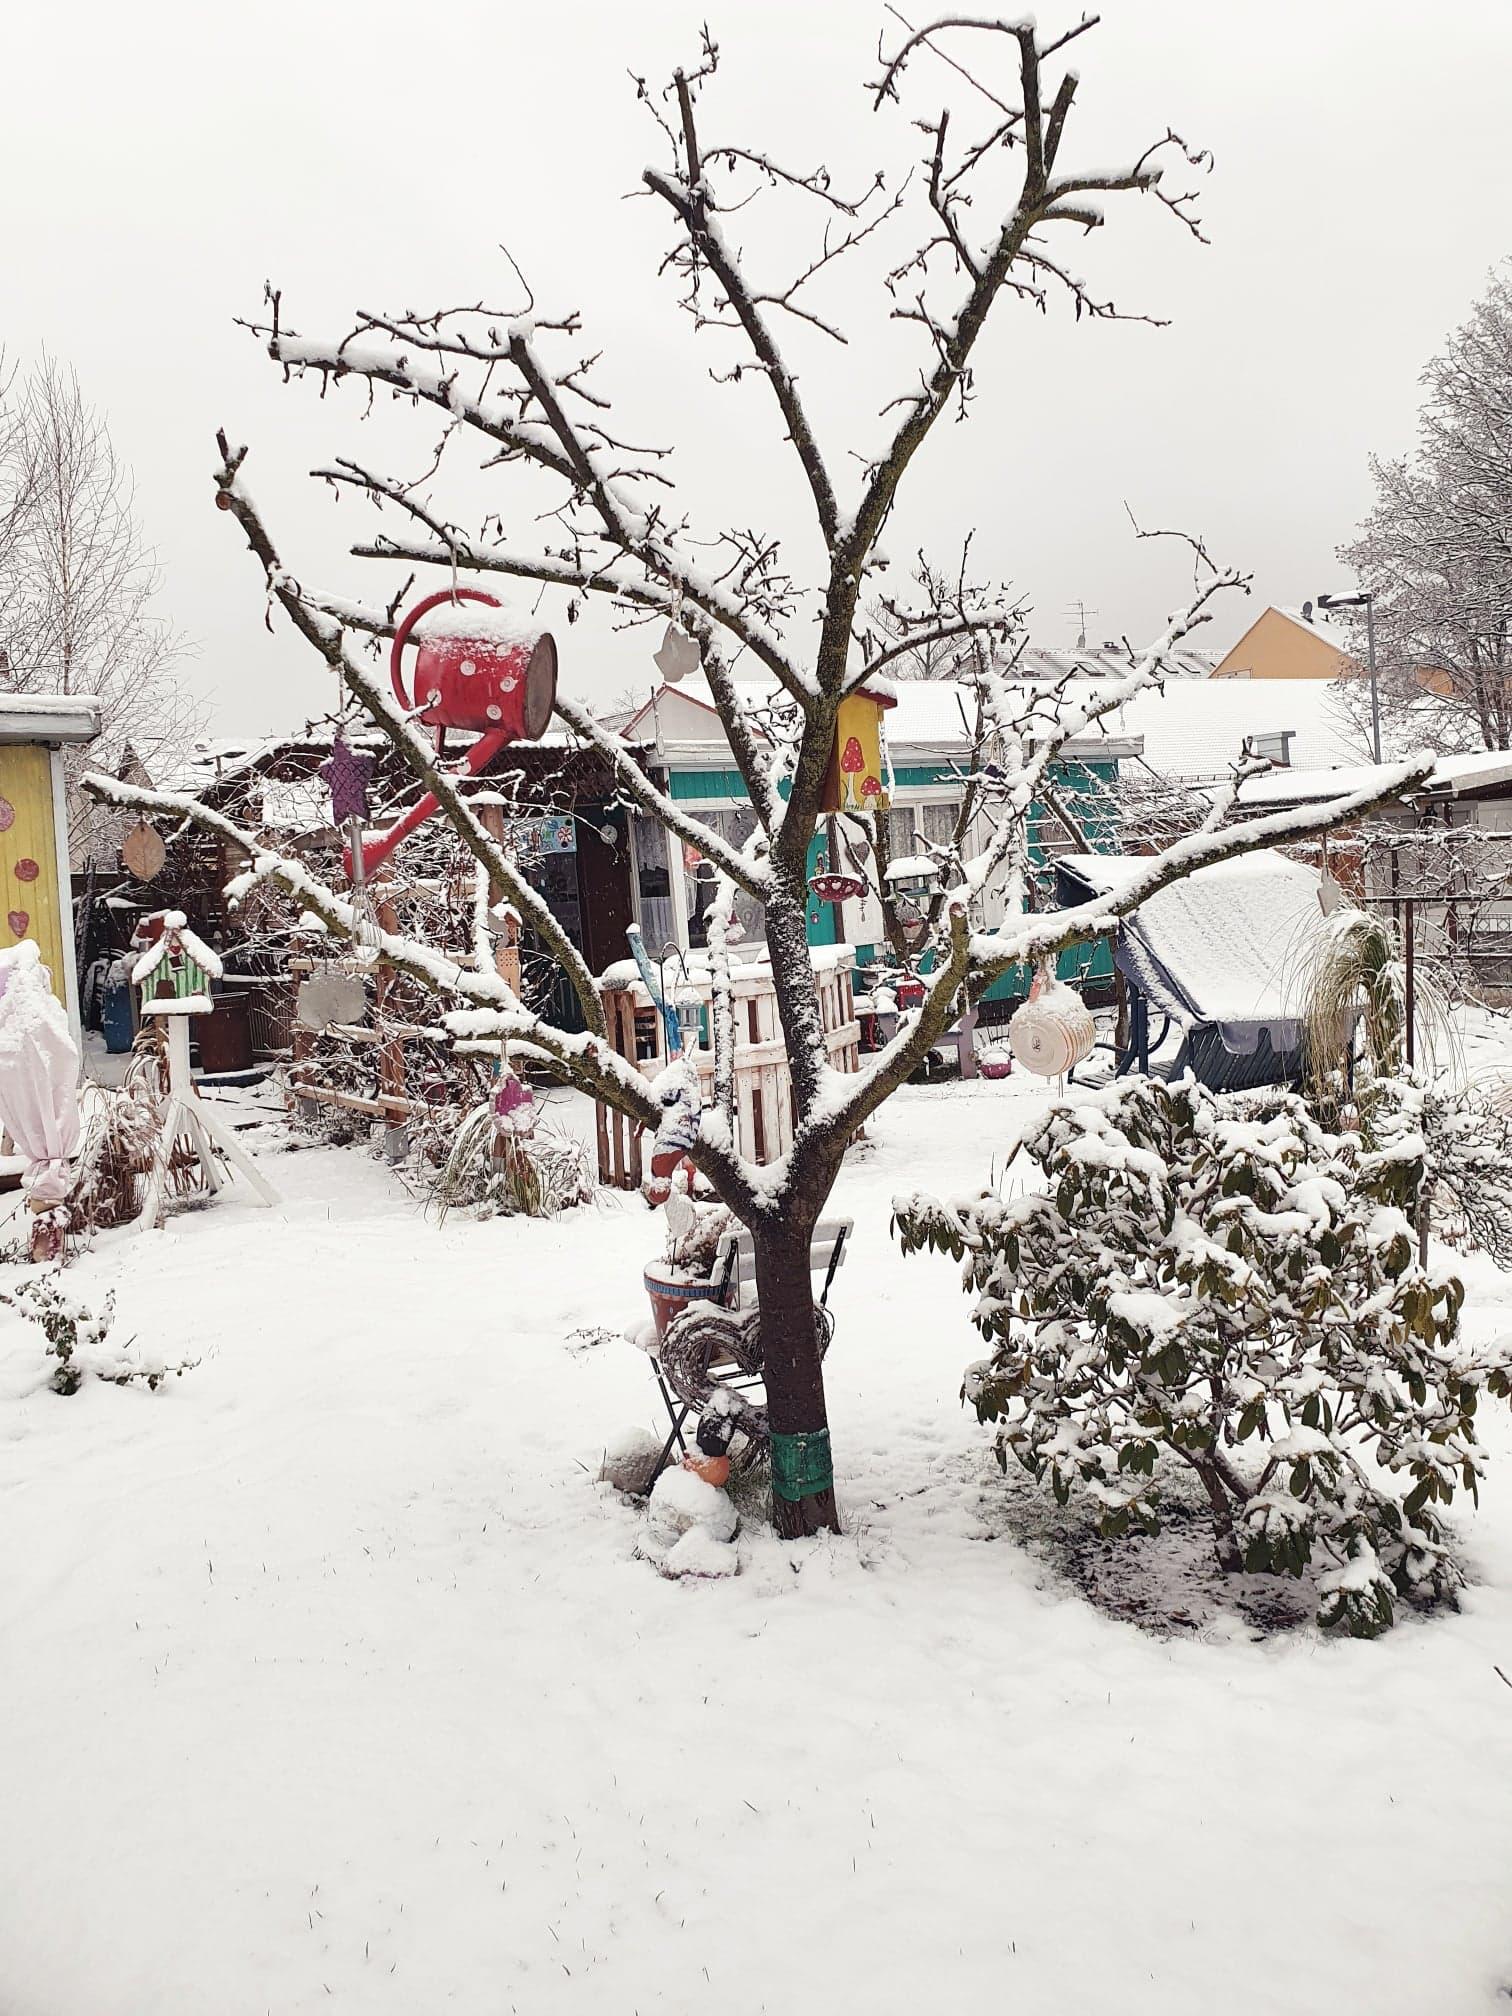 Kleingartenverein-Vereinte-Kraft Chemnitz Winterbild